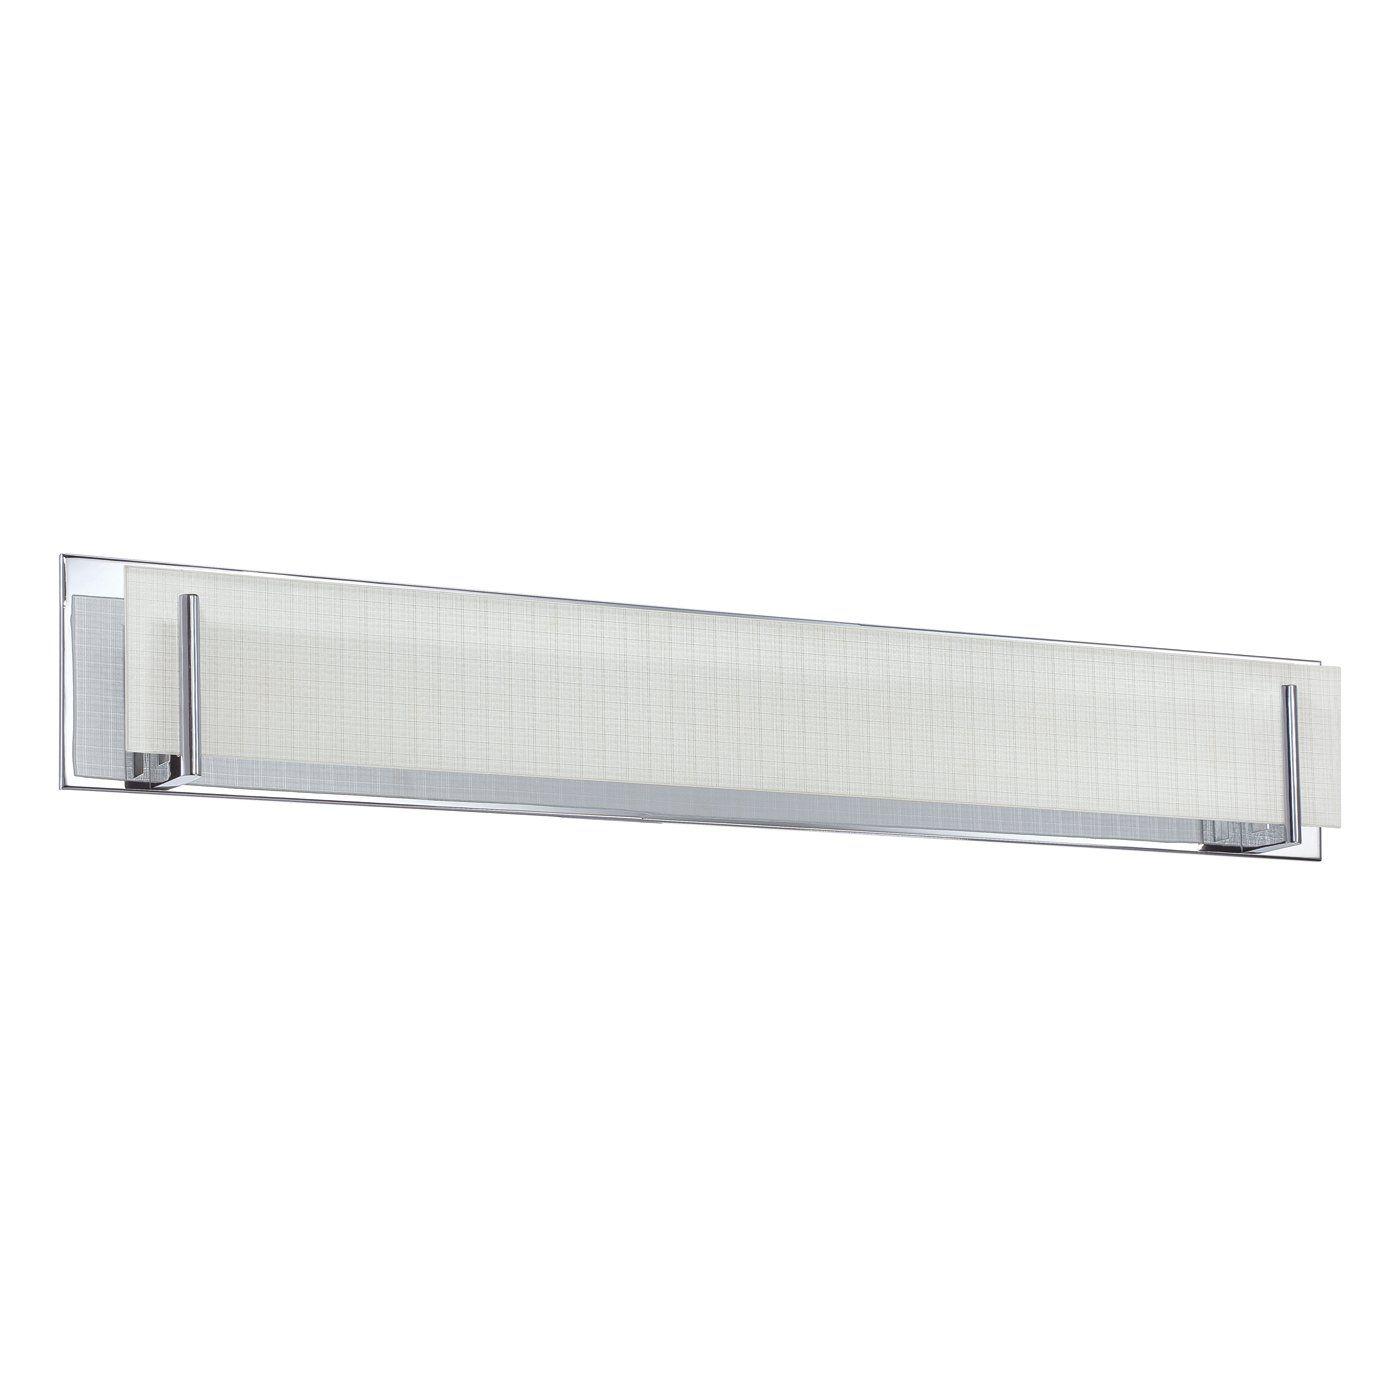 Lowe's Canada Bathroom Vanity Lighting $315 - kendal lighting vf2400-7l 7-light aurora bathroom vanity